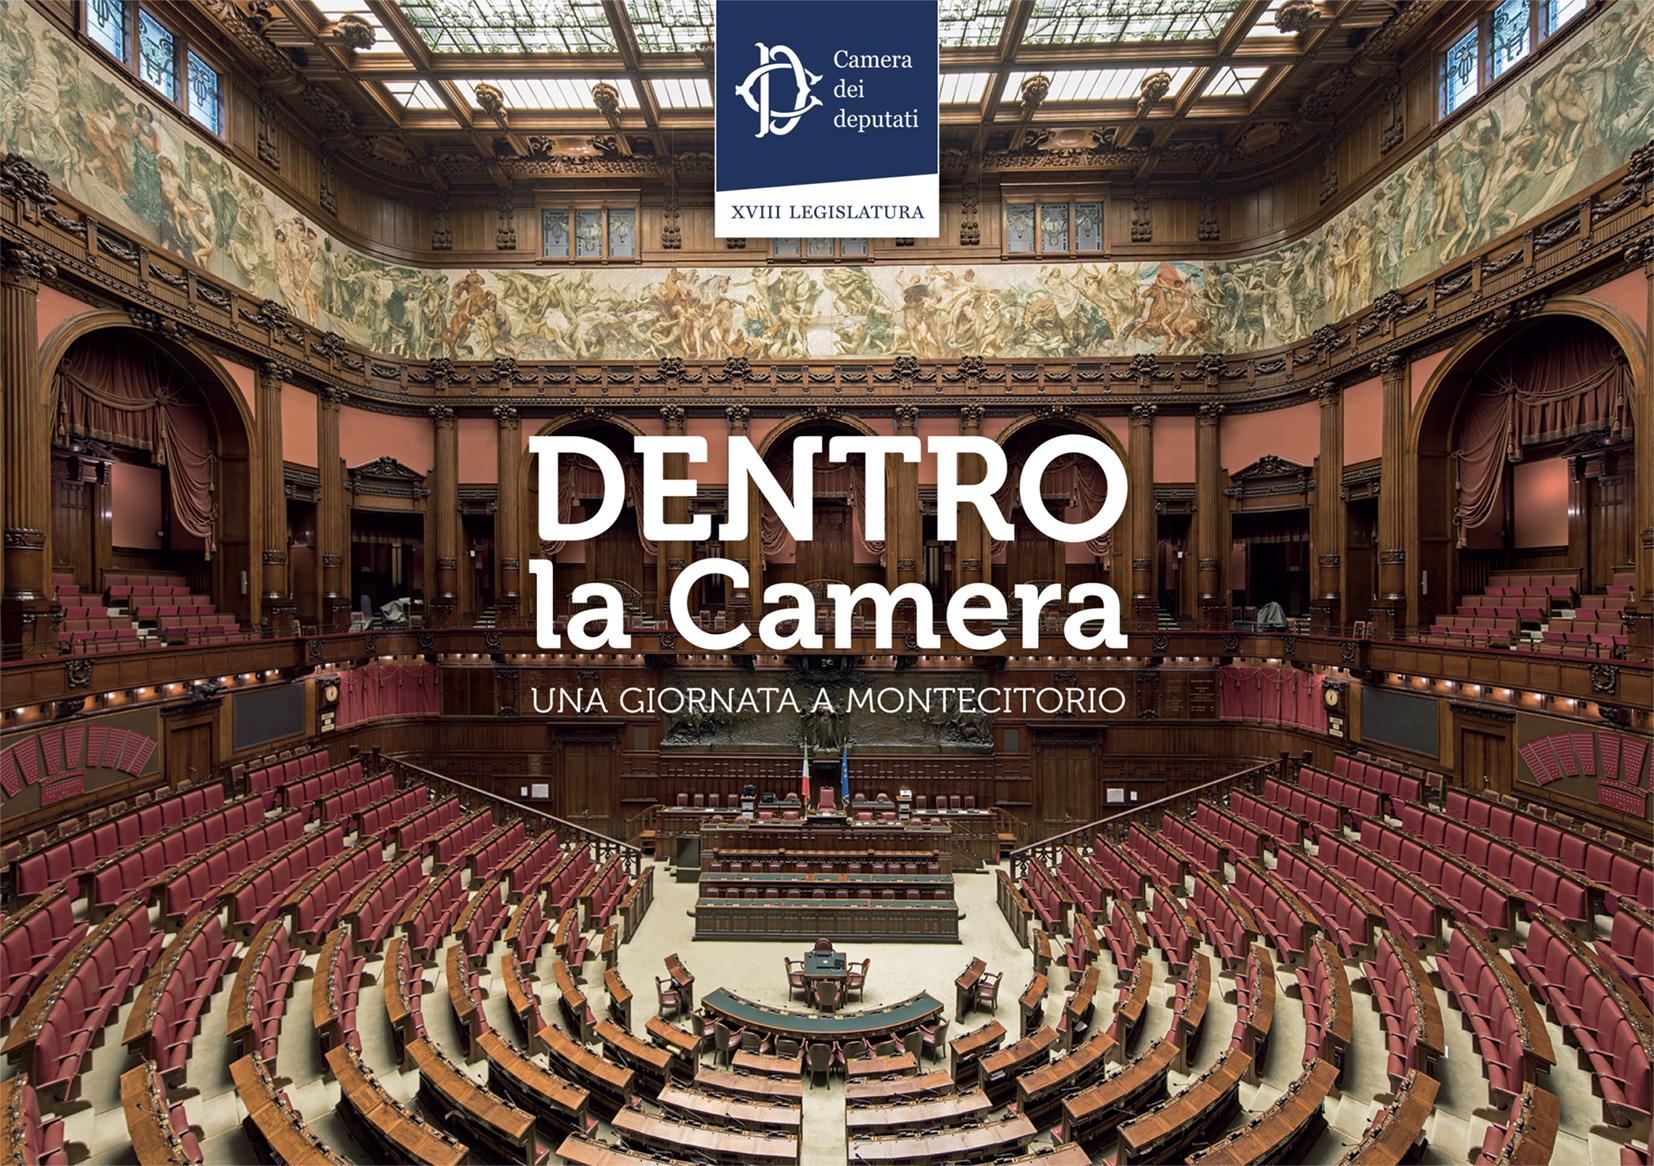 Pubblicazione informativa sull'attività ed i luoghi della Camera dei deputati